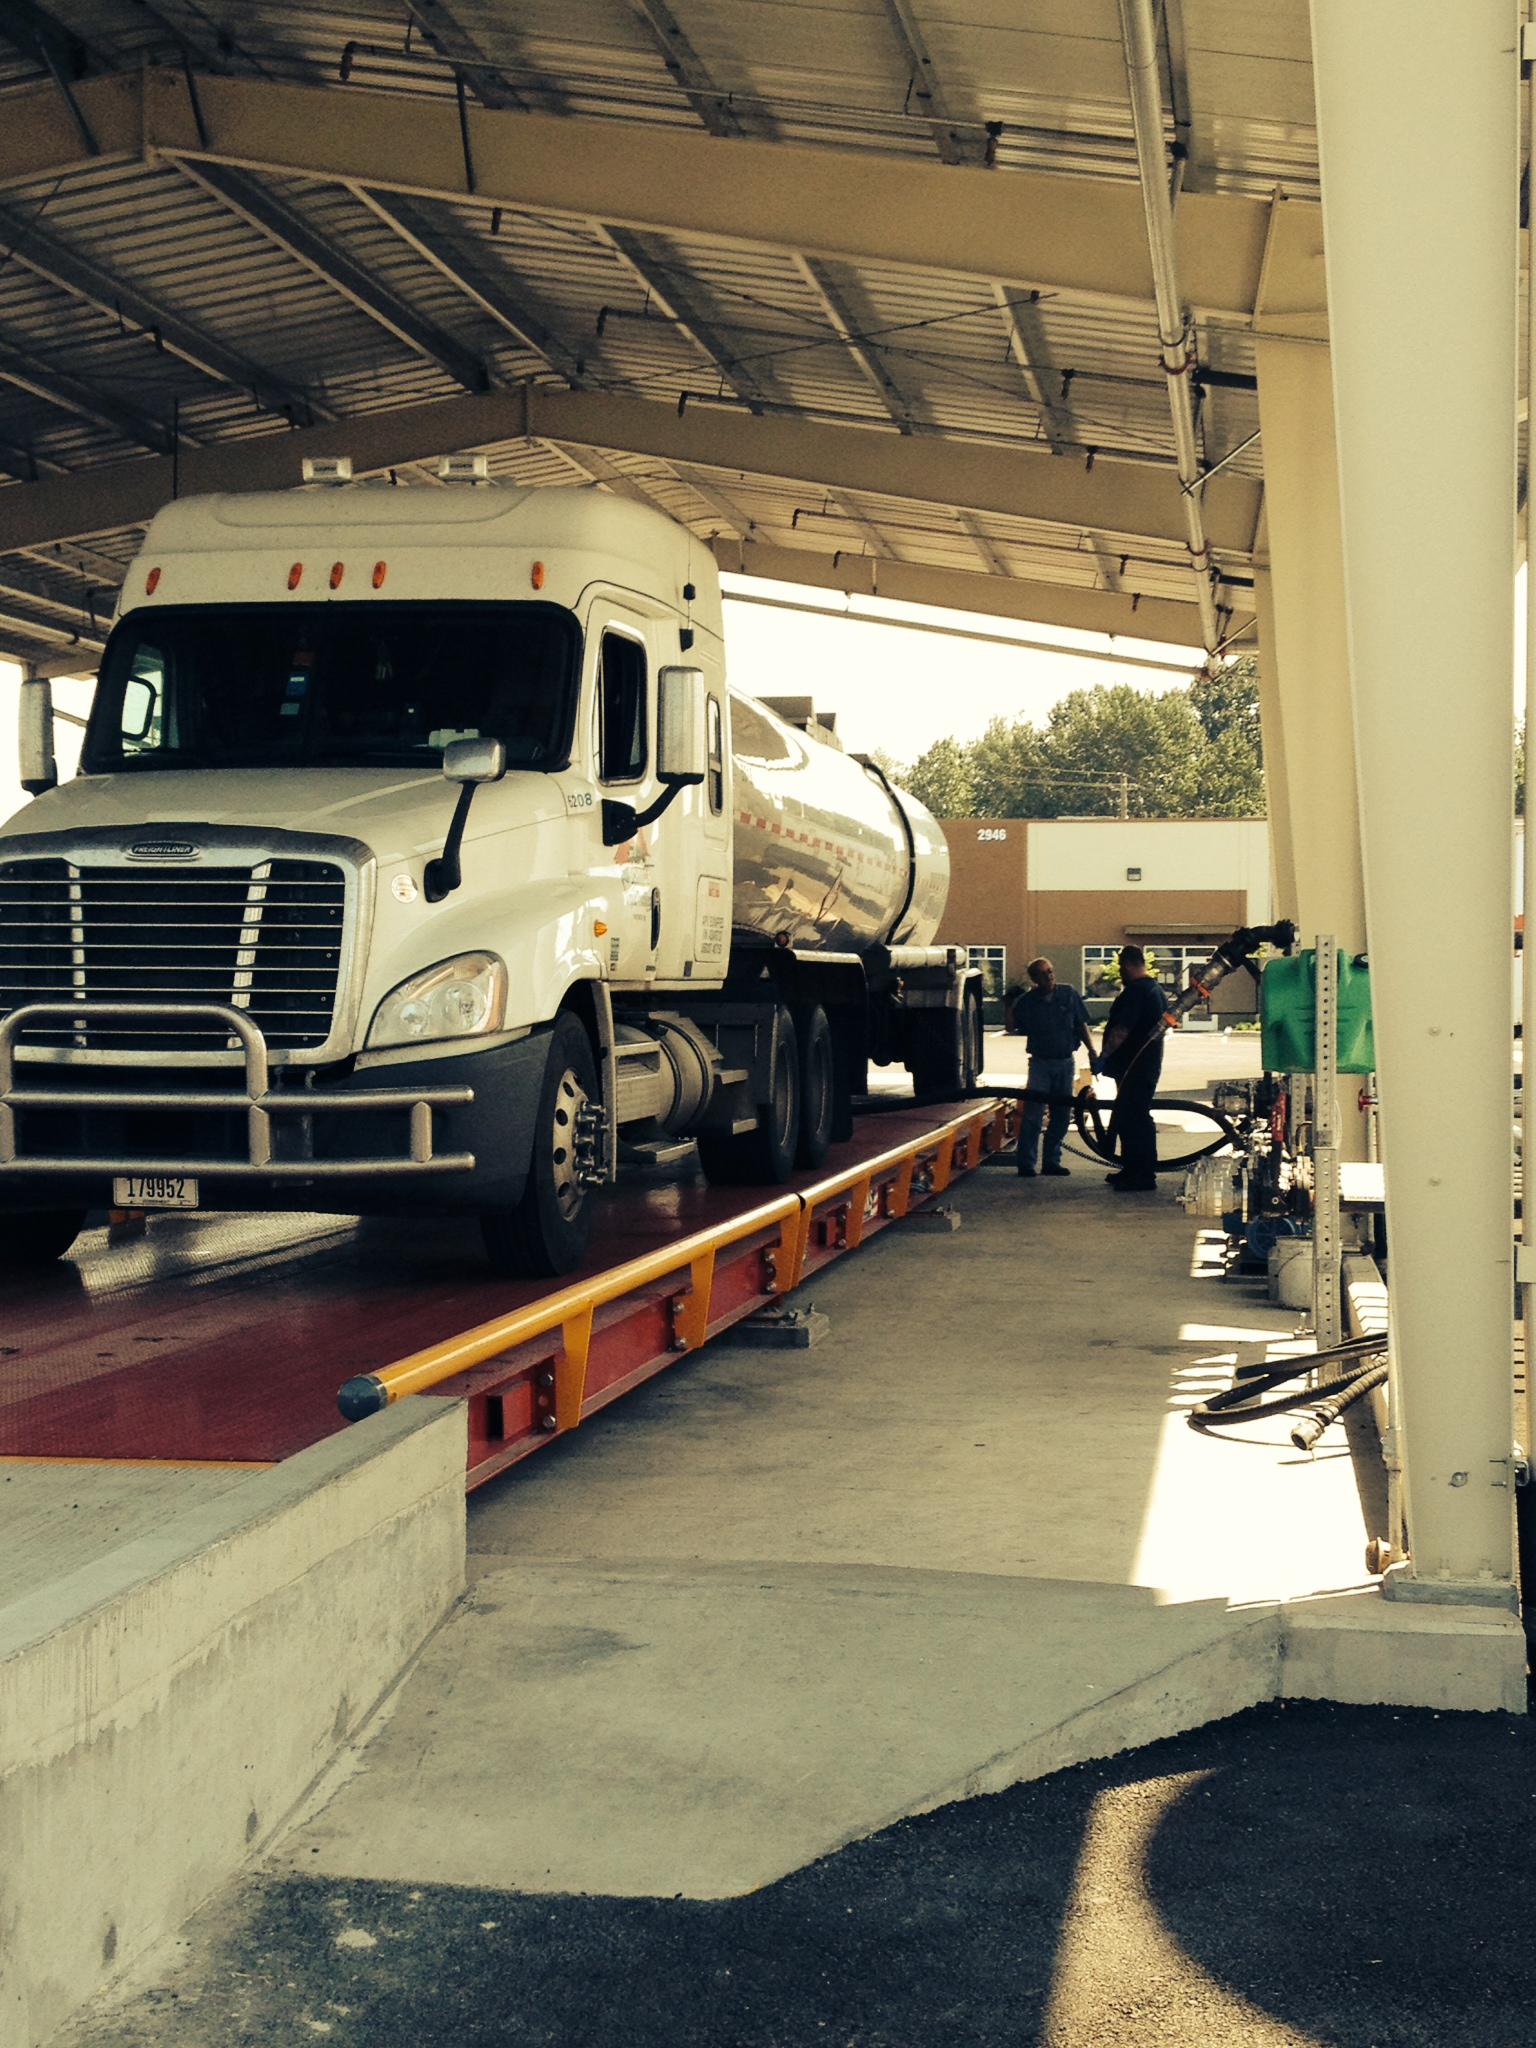 Tarr loading depot